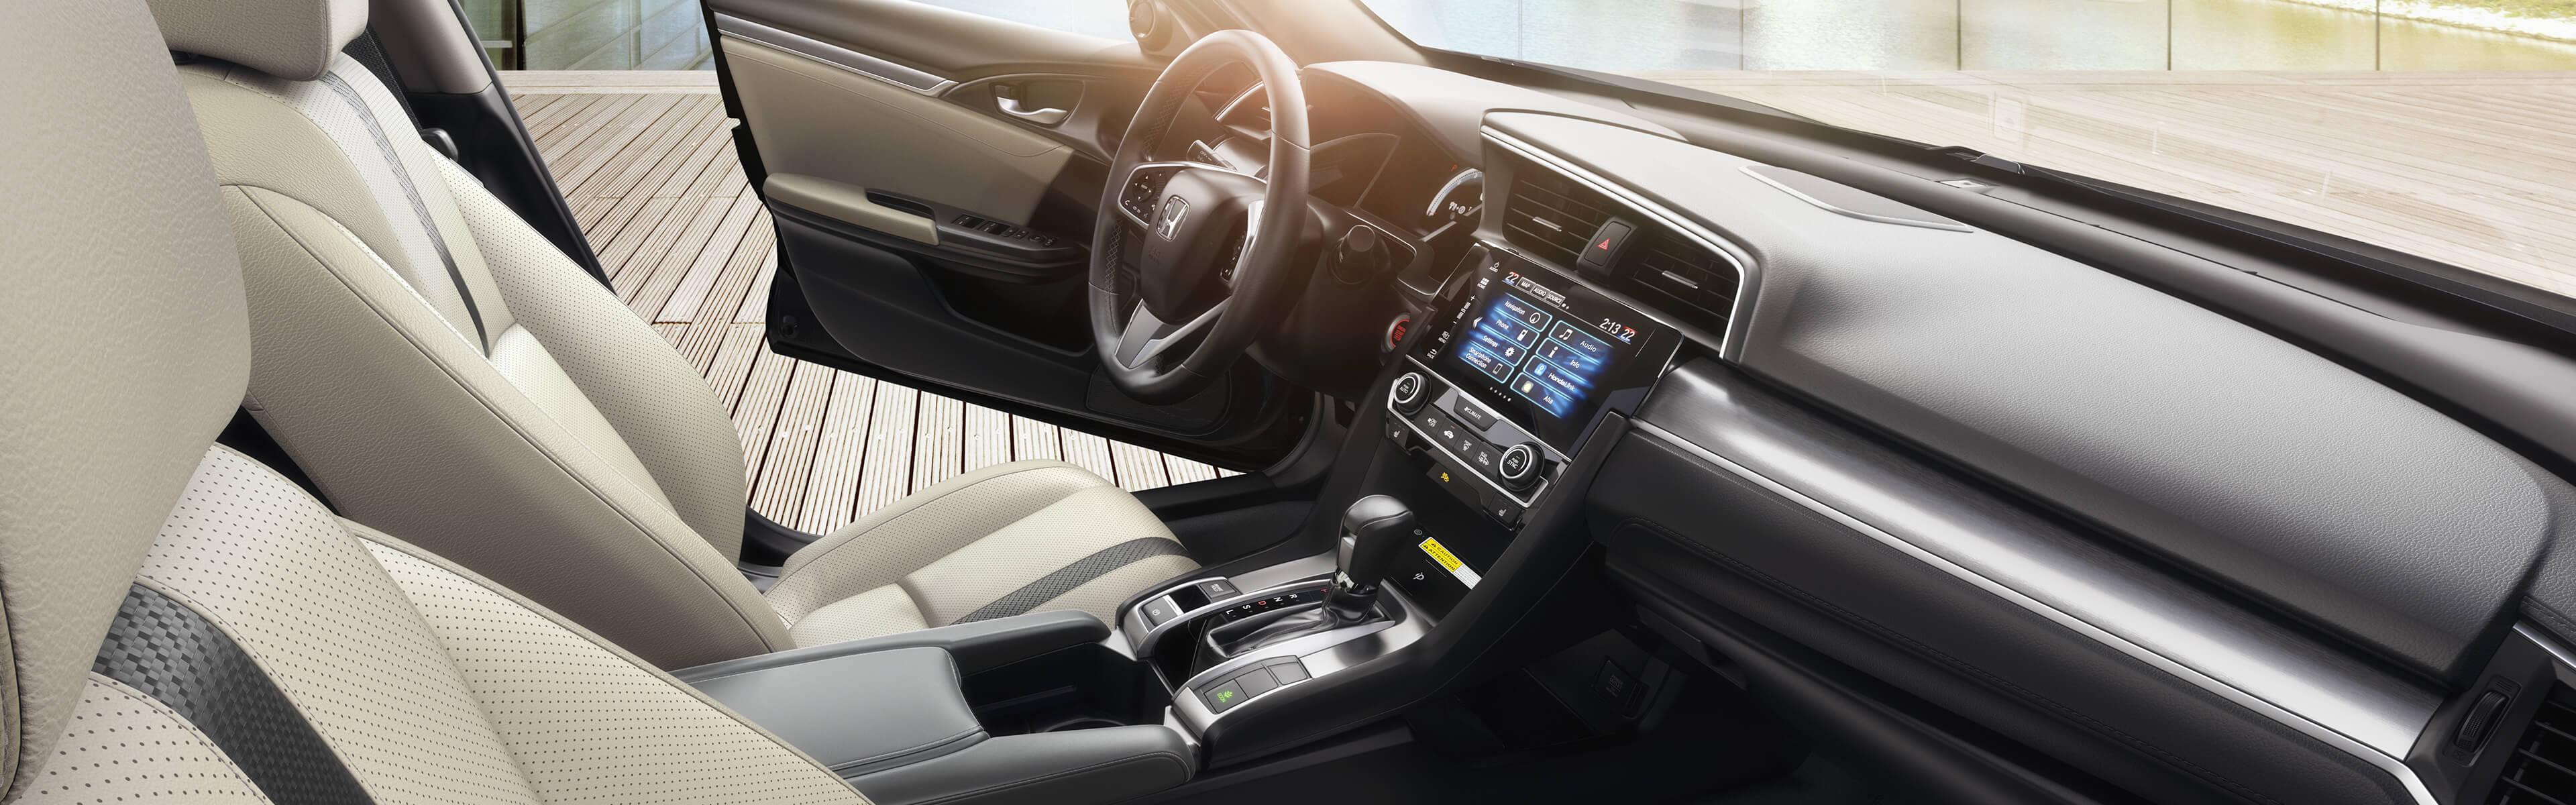 The 2018 Civic   Sedan   Honda Canada